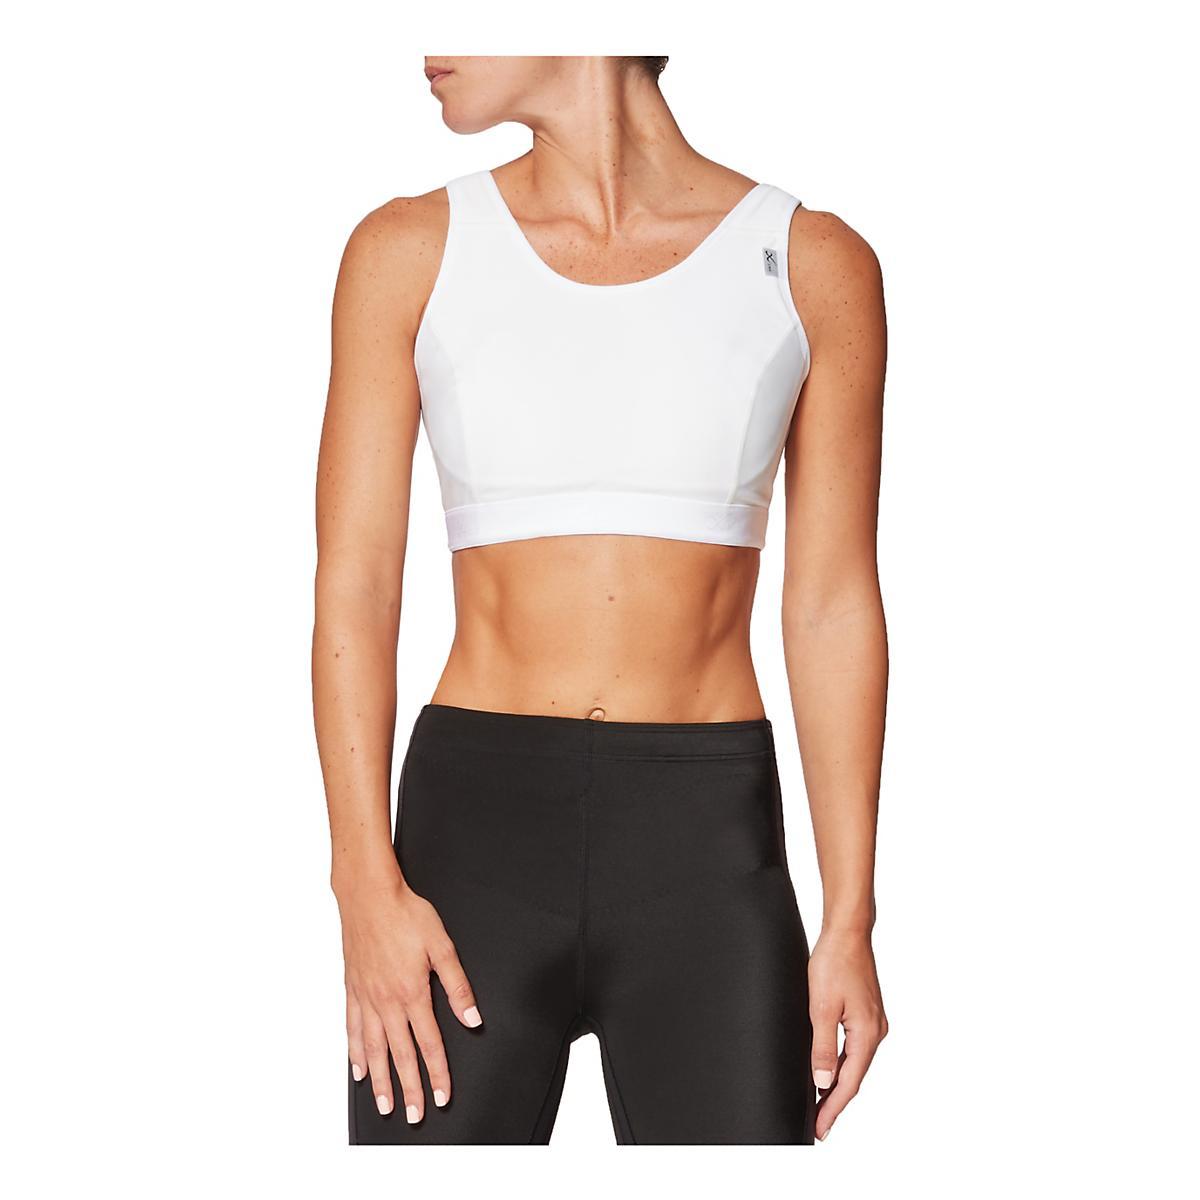 de0def93760 Womens CW-X Stabilyx Running Sports Bras at Road Runner Sports